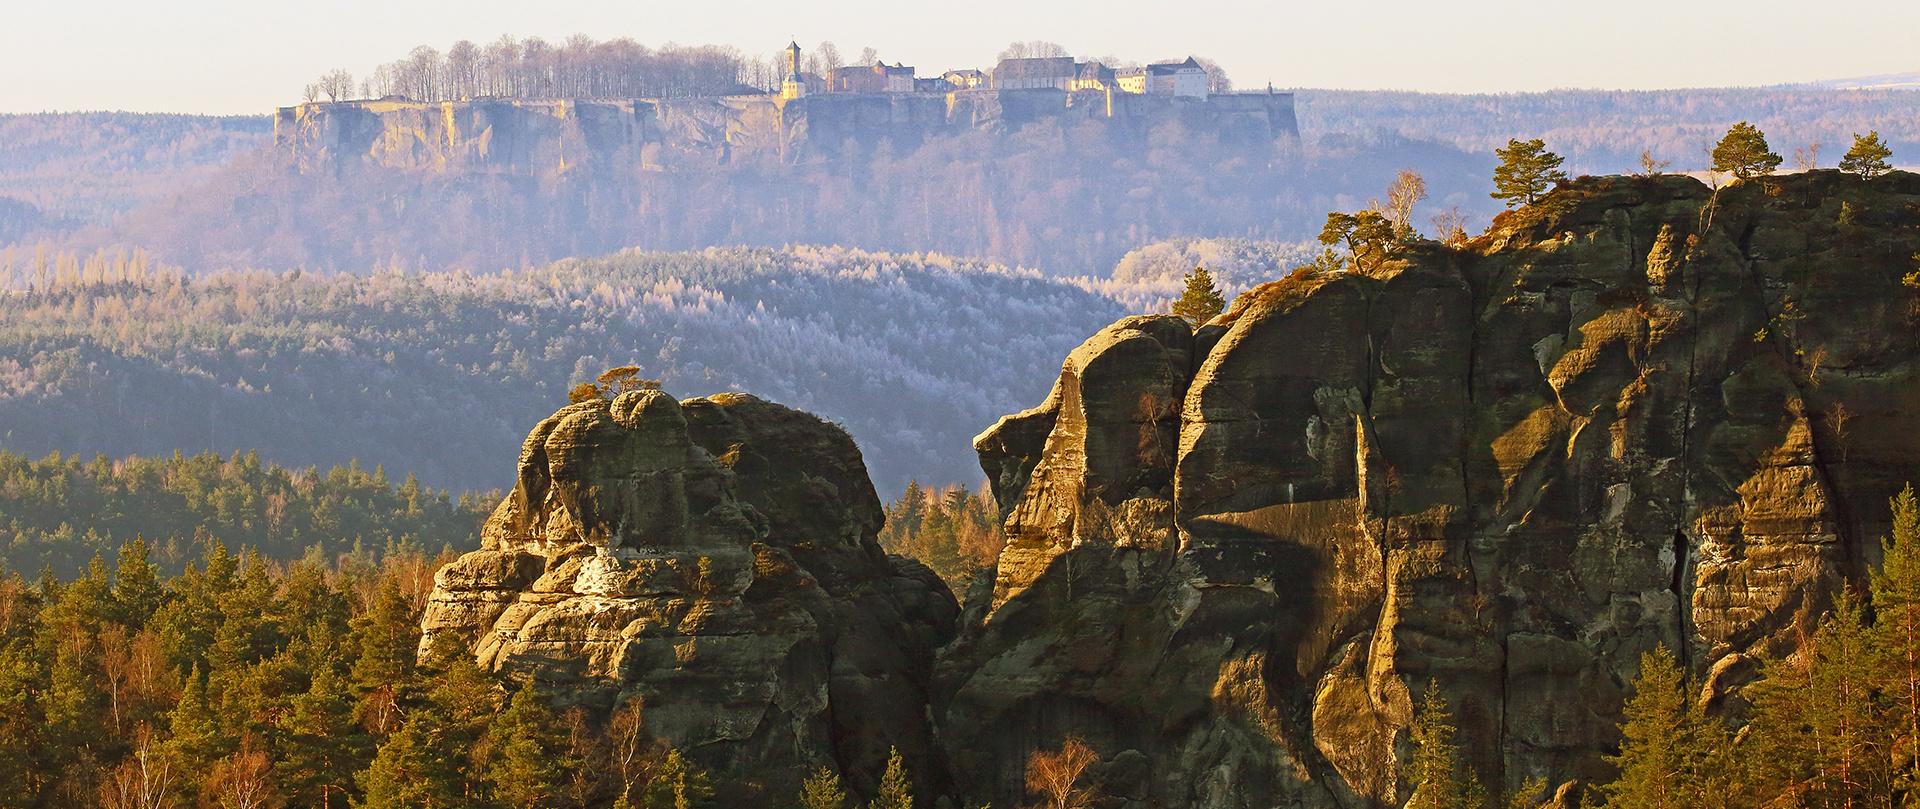 Gamrig und die Festung Königstein von Vorgestern morgen...